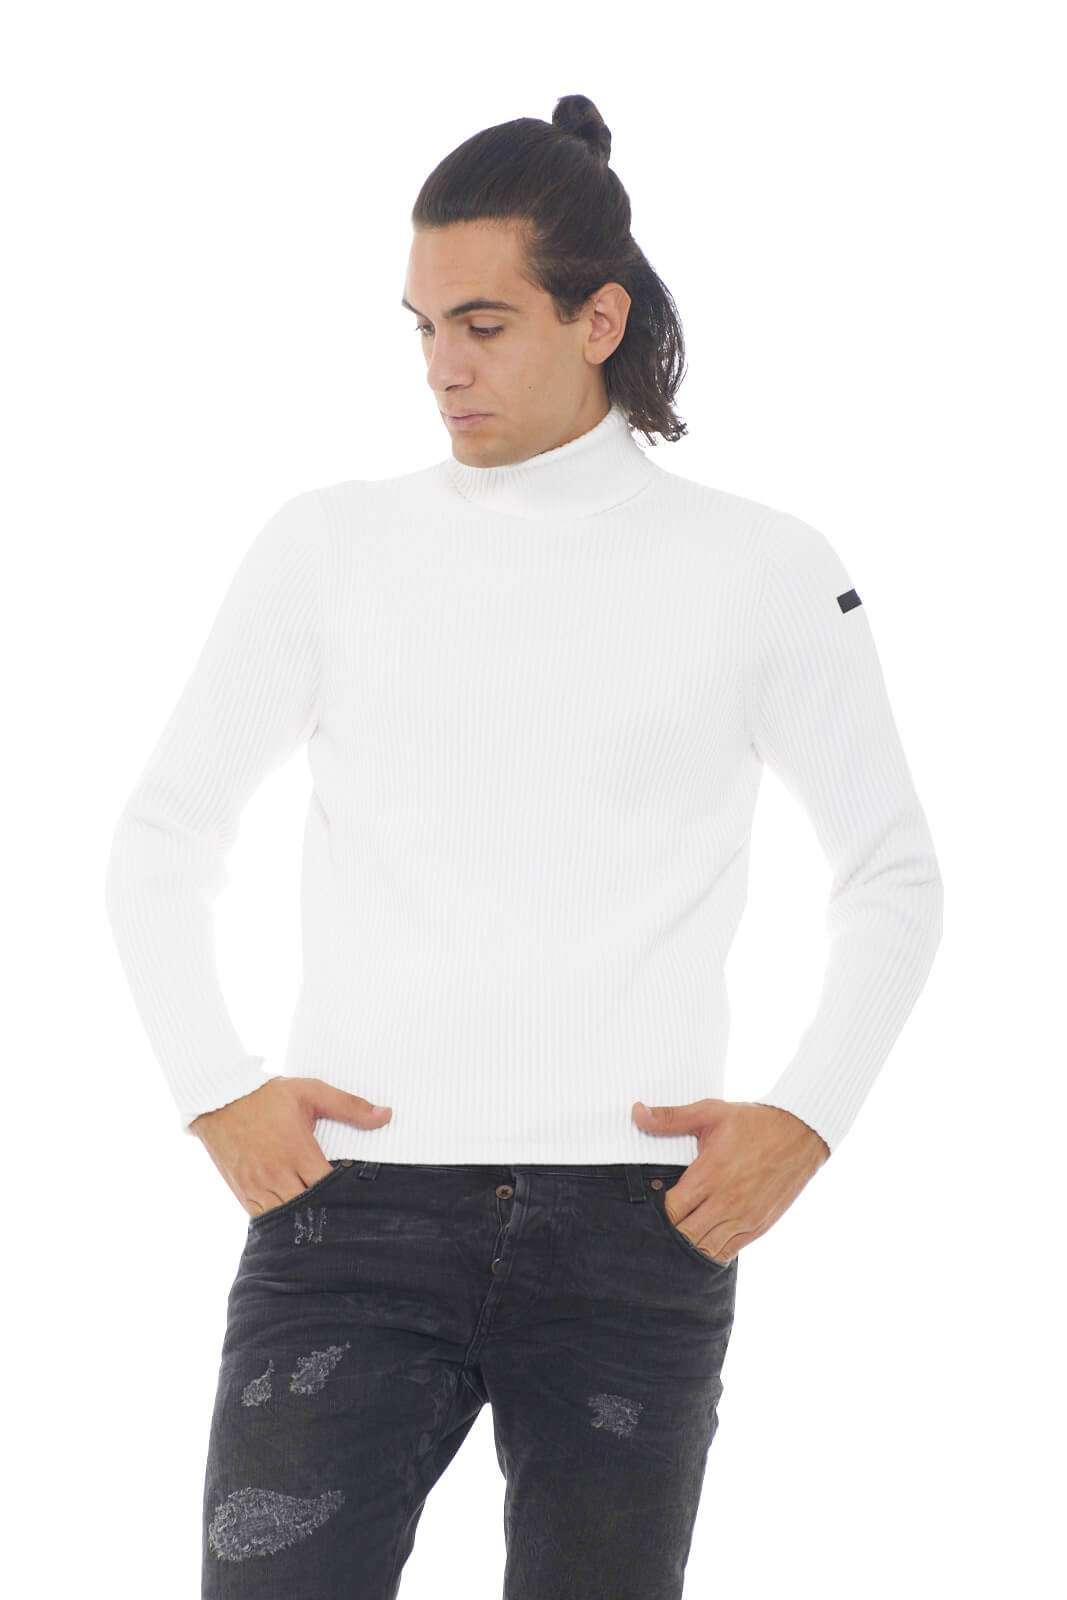 Una maglia in cotone con lavorazione a costa inglese per la nuova collezione uomo RRD. Il collo dolcevita permette di indossarla anche nelle fredde giornate invernali, pur mantenendo tutto il confort del caldo cotone. Perfetta sia con pantaloni dal taglio chino che con un paio di jeans.